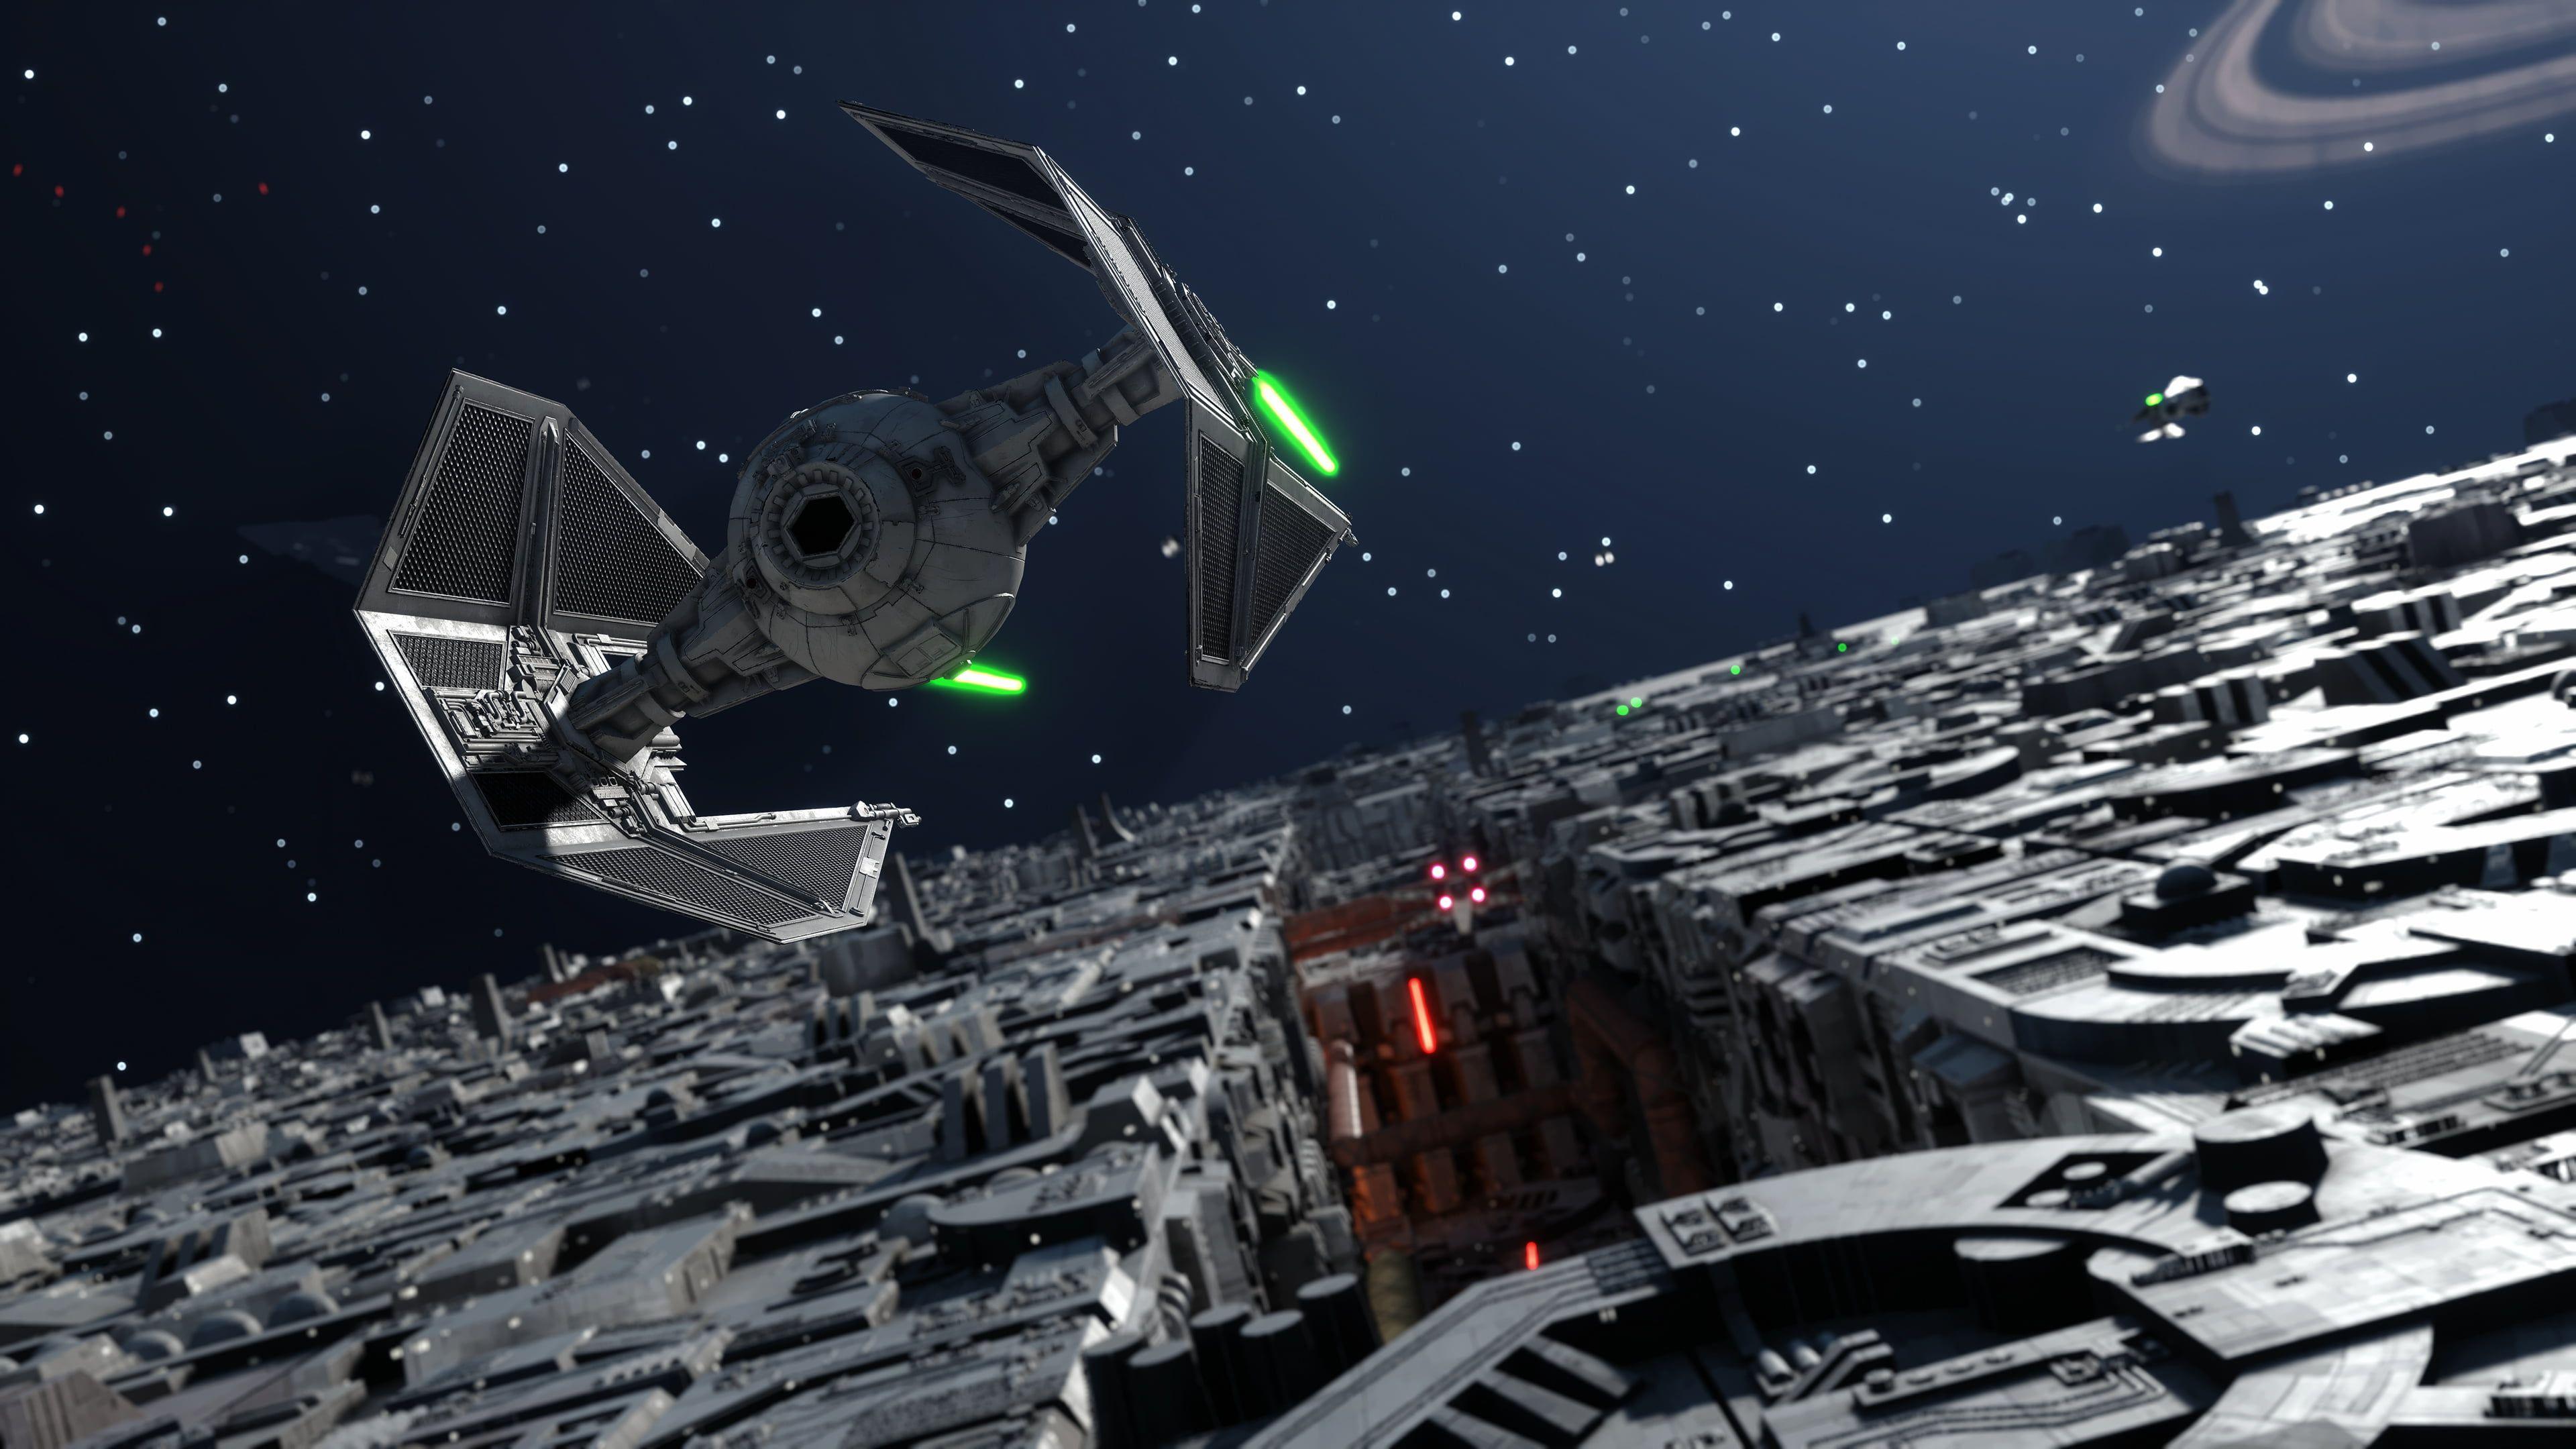 Star Wars Tie Fighter Star Wars Battlefront Star Wars Tie Interceptor Death Star Video Games 4k Wallpape Star Wars Death Star Wallpaper Star Wars Spaceships